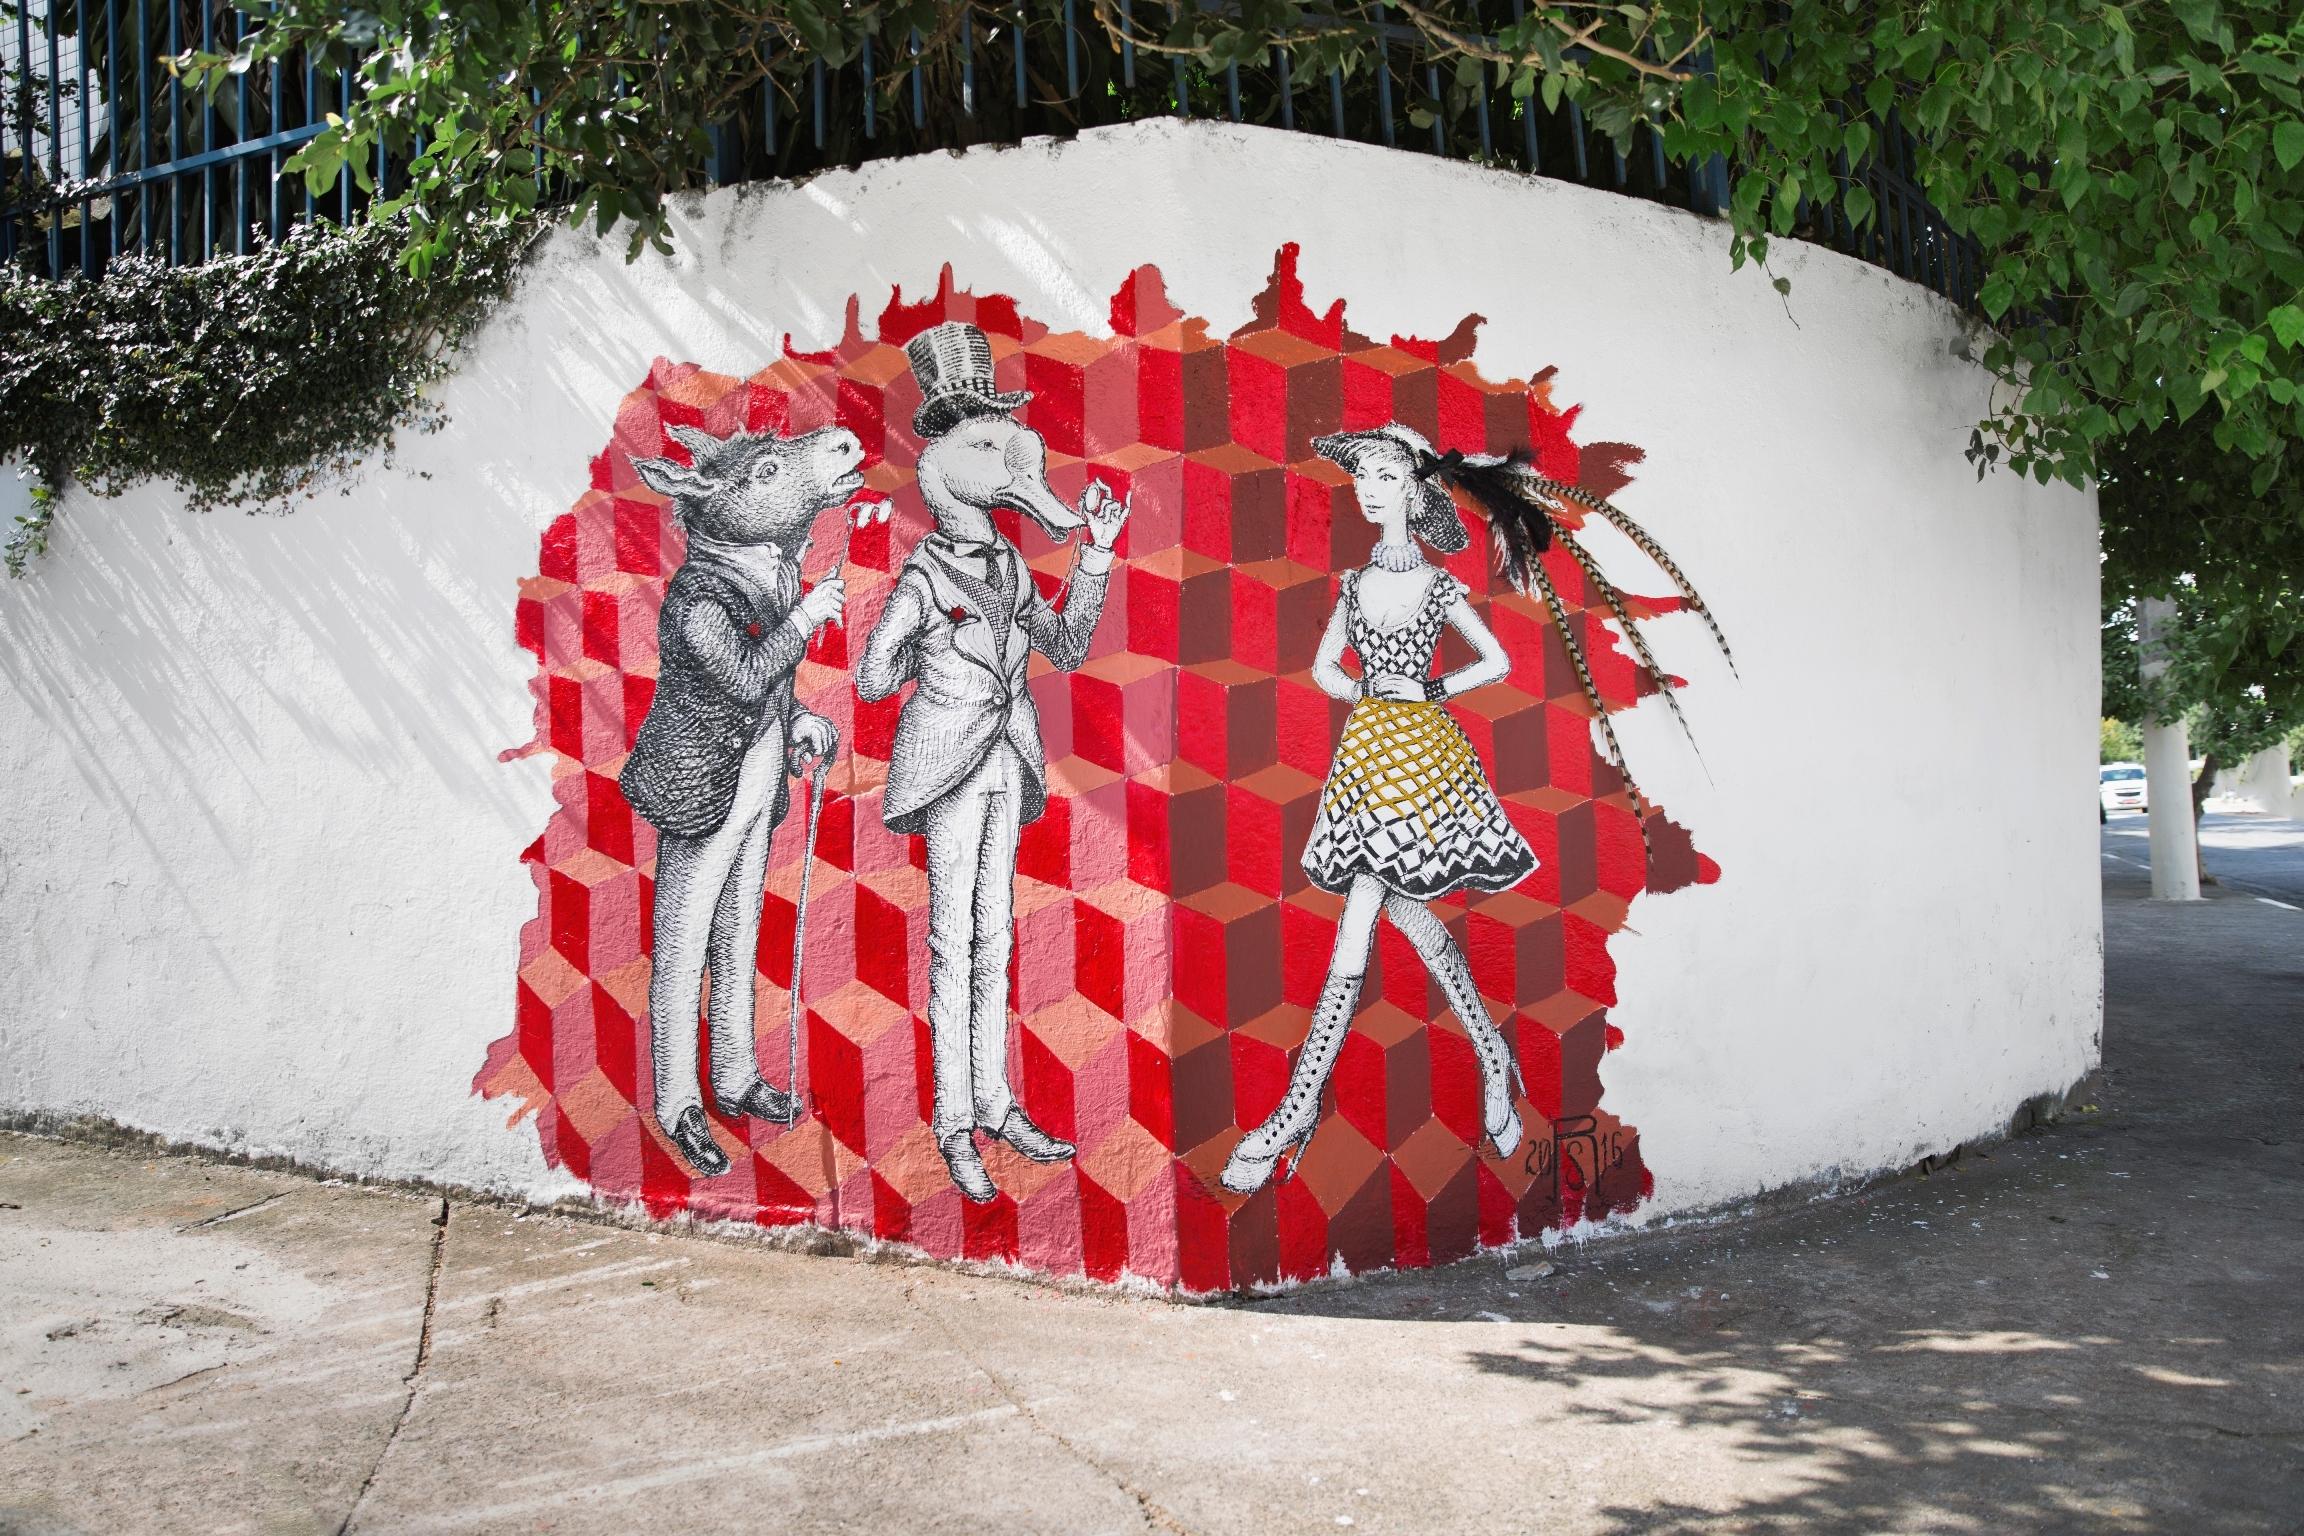 TNT presenteia Sao Paulo com arte urbana